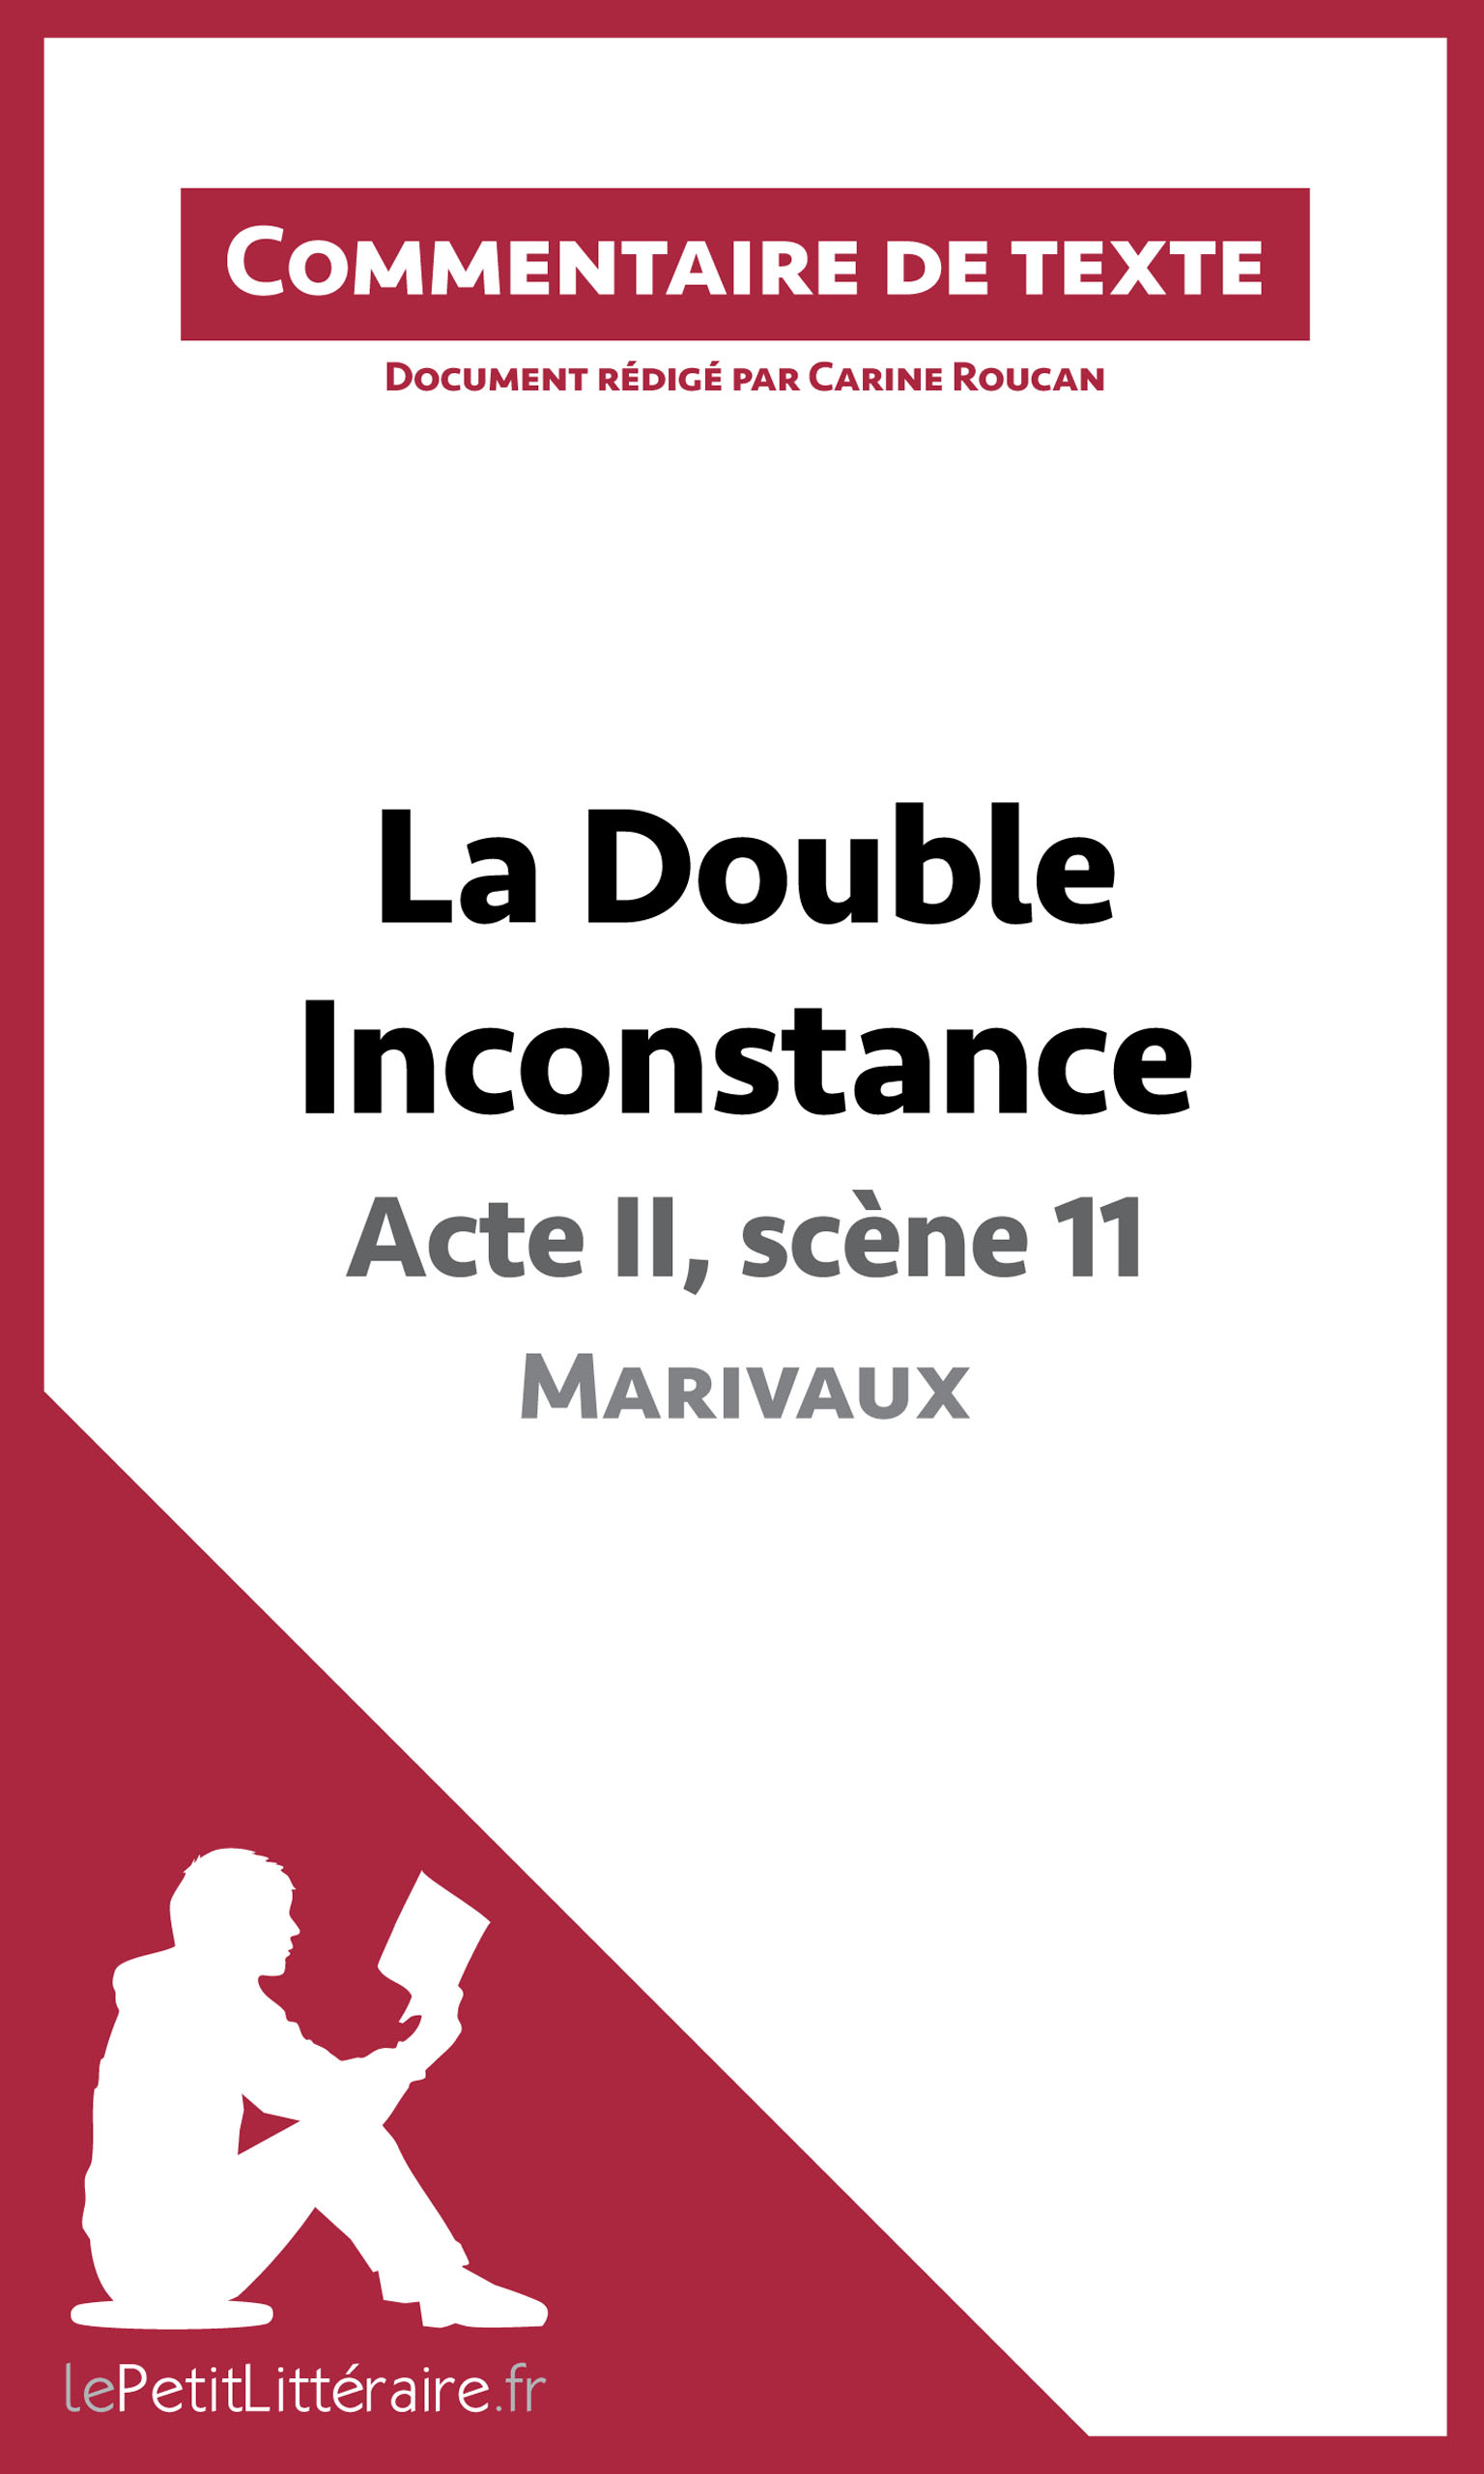 La scène 11 de l'acte II